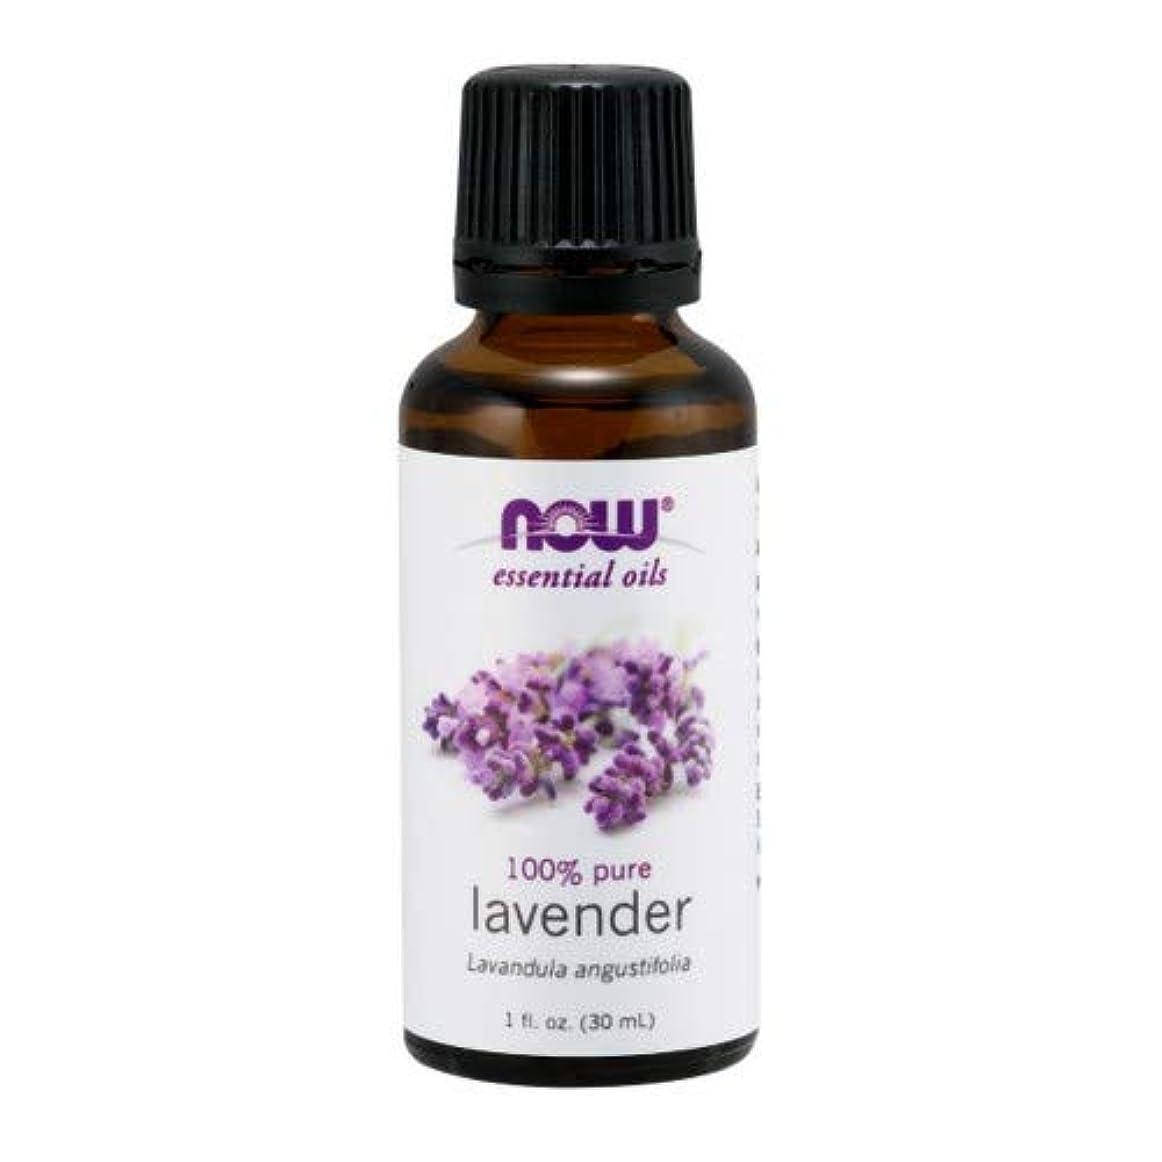 クールマットレスボリュームエッセンシャルオイル ラベンダーオイル 30ml 2個セット ナウフーズ 並行輸入品 NOW Foods Essential Oils Lavender 1 oz Pack of 2